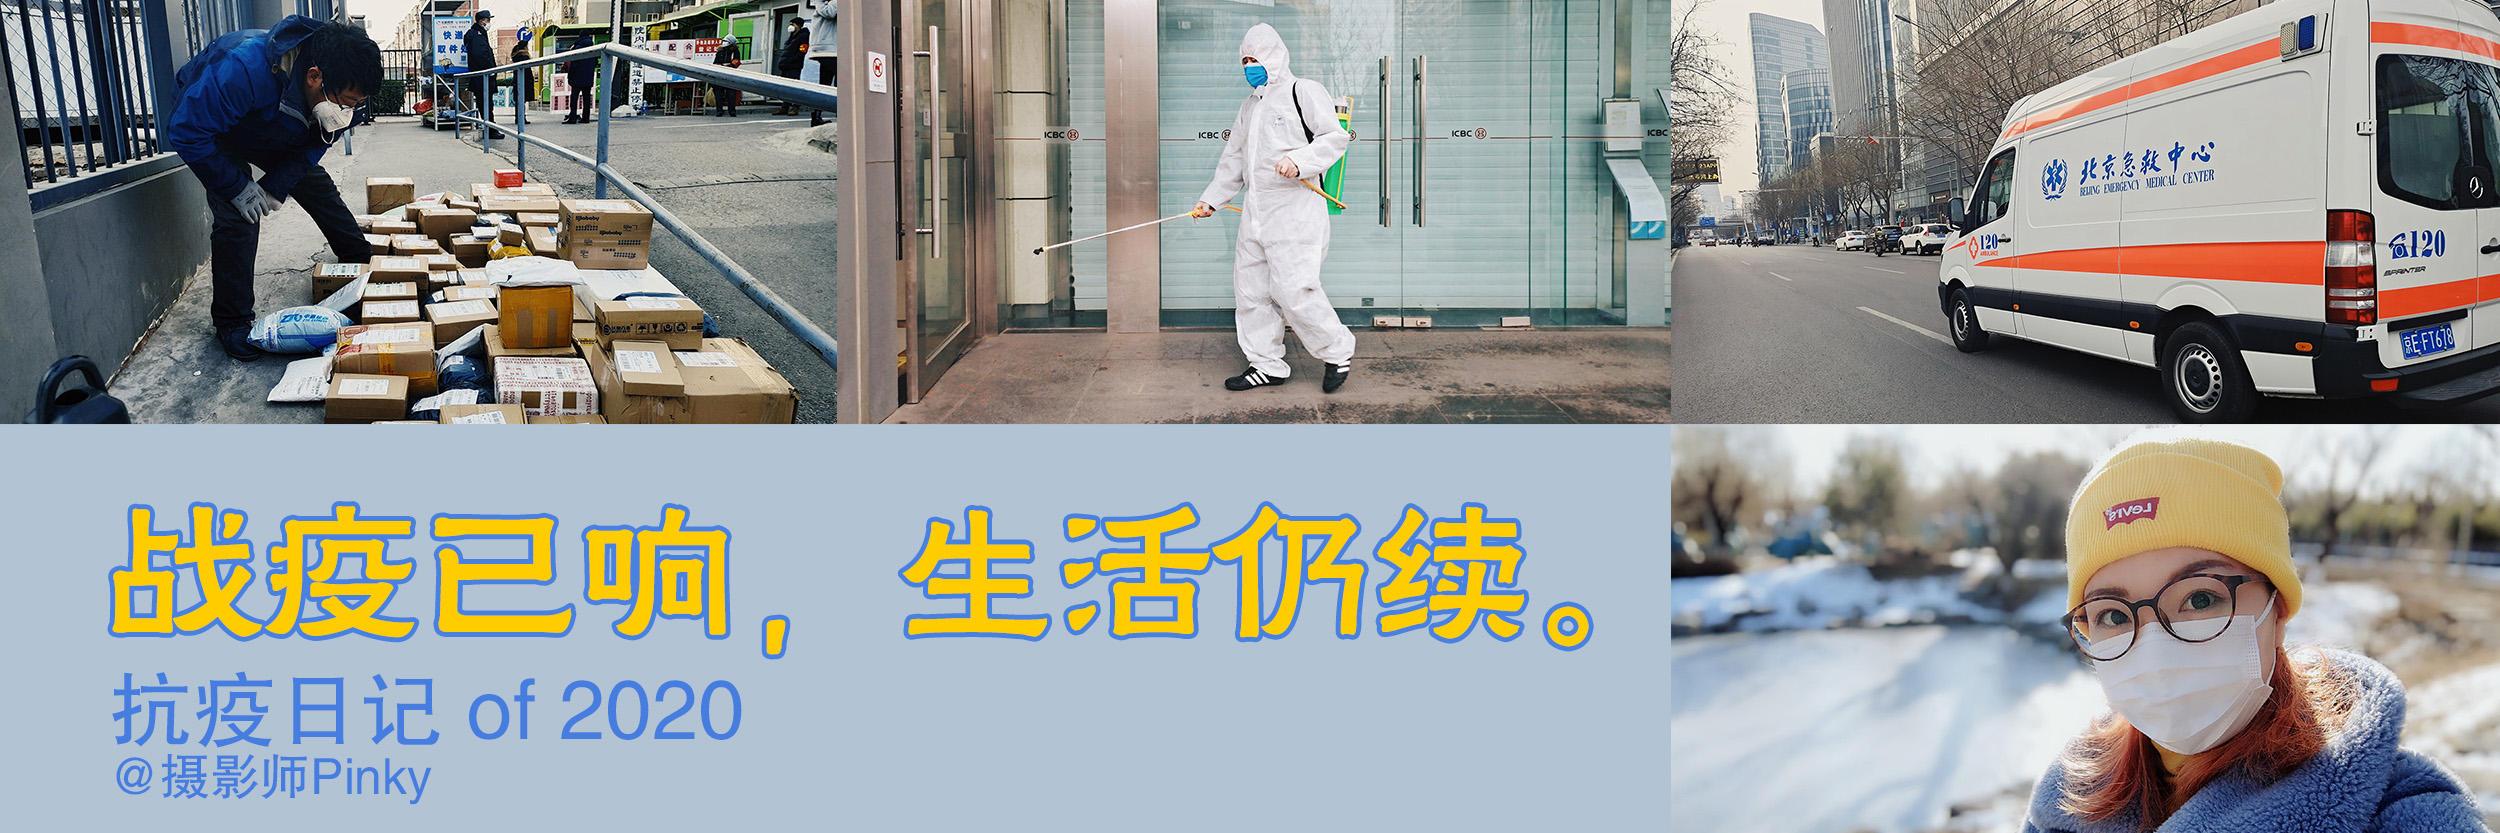 【战疫已响,生活仍续】抗疫日记 of 2020 (三)